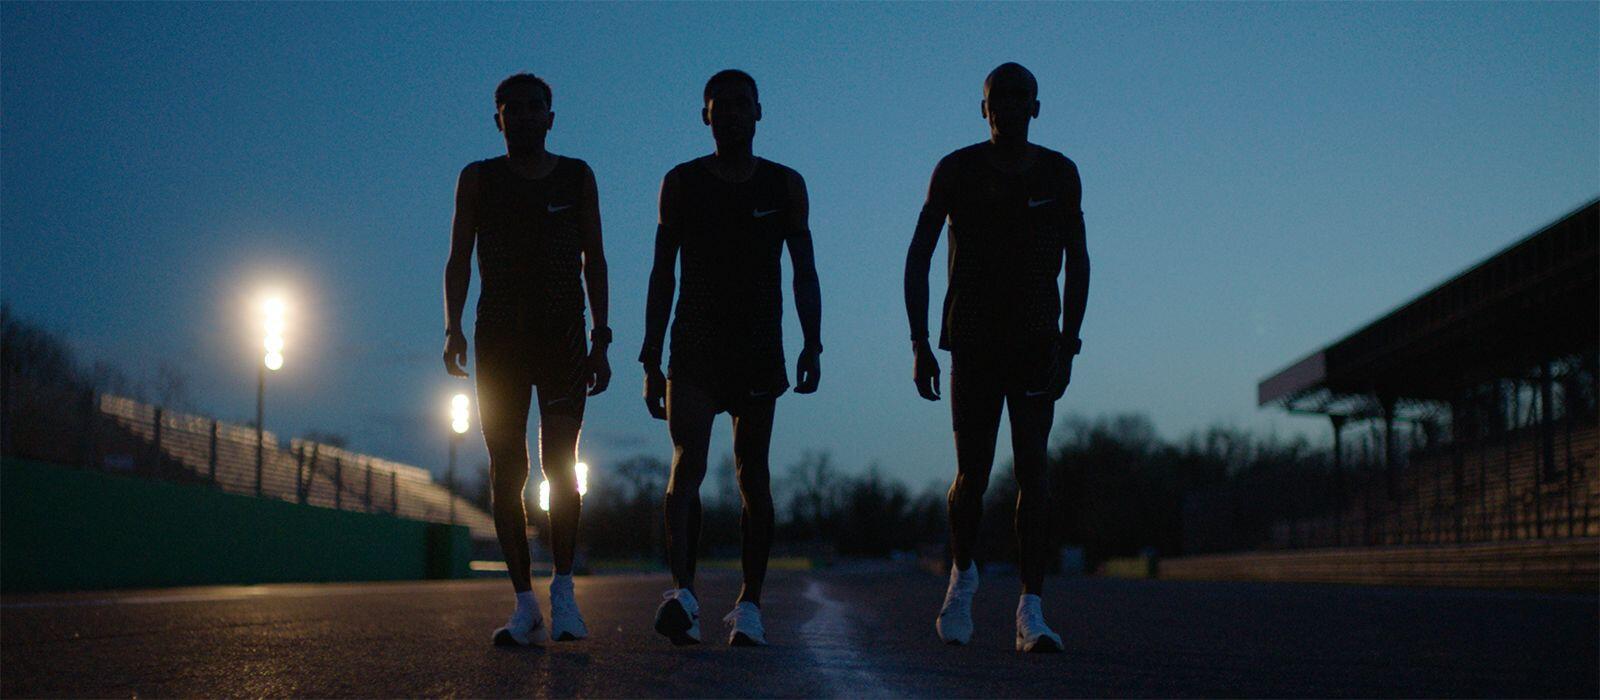 Dự án Breaking2: Eliud Kipchoge thiết lập kỷ lục Marathon với thành tích 2:00:25